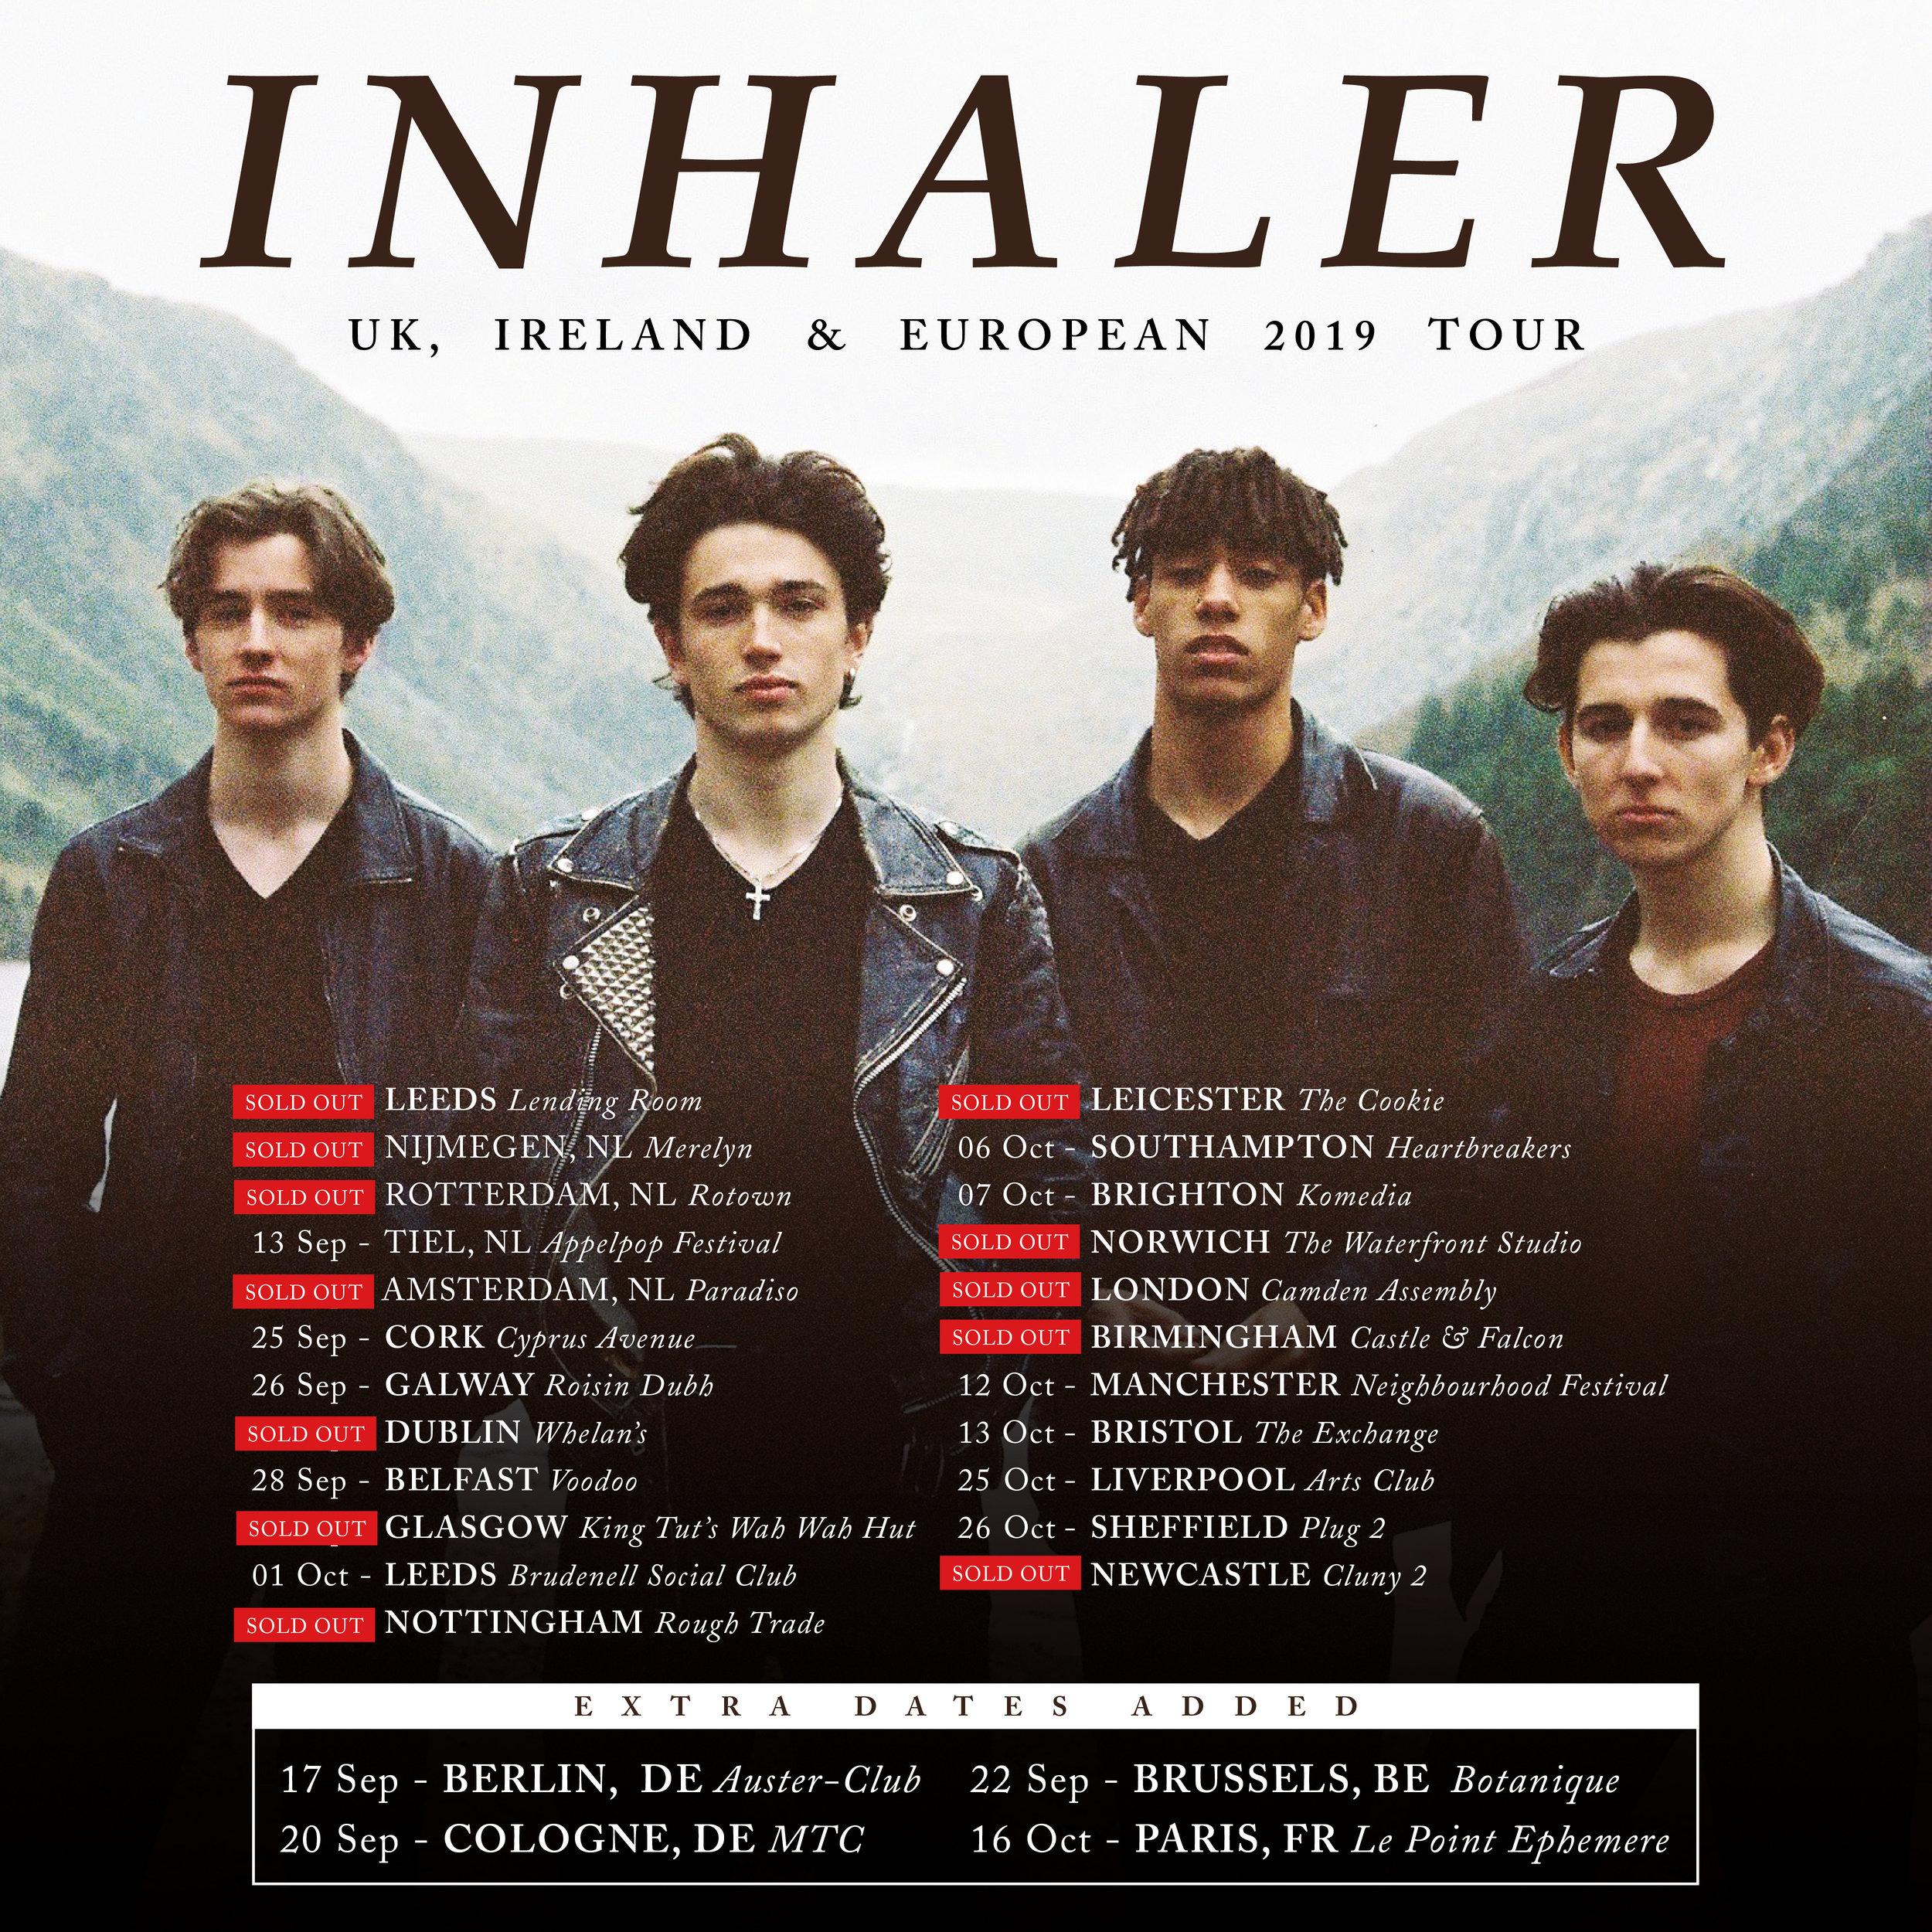 Inhaler_1200x1200_Euro_6.jpg